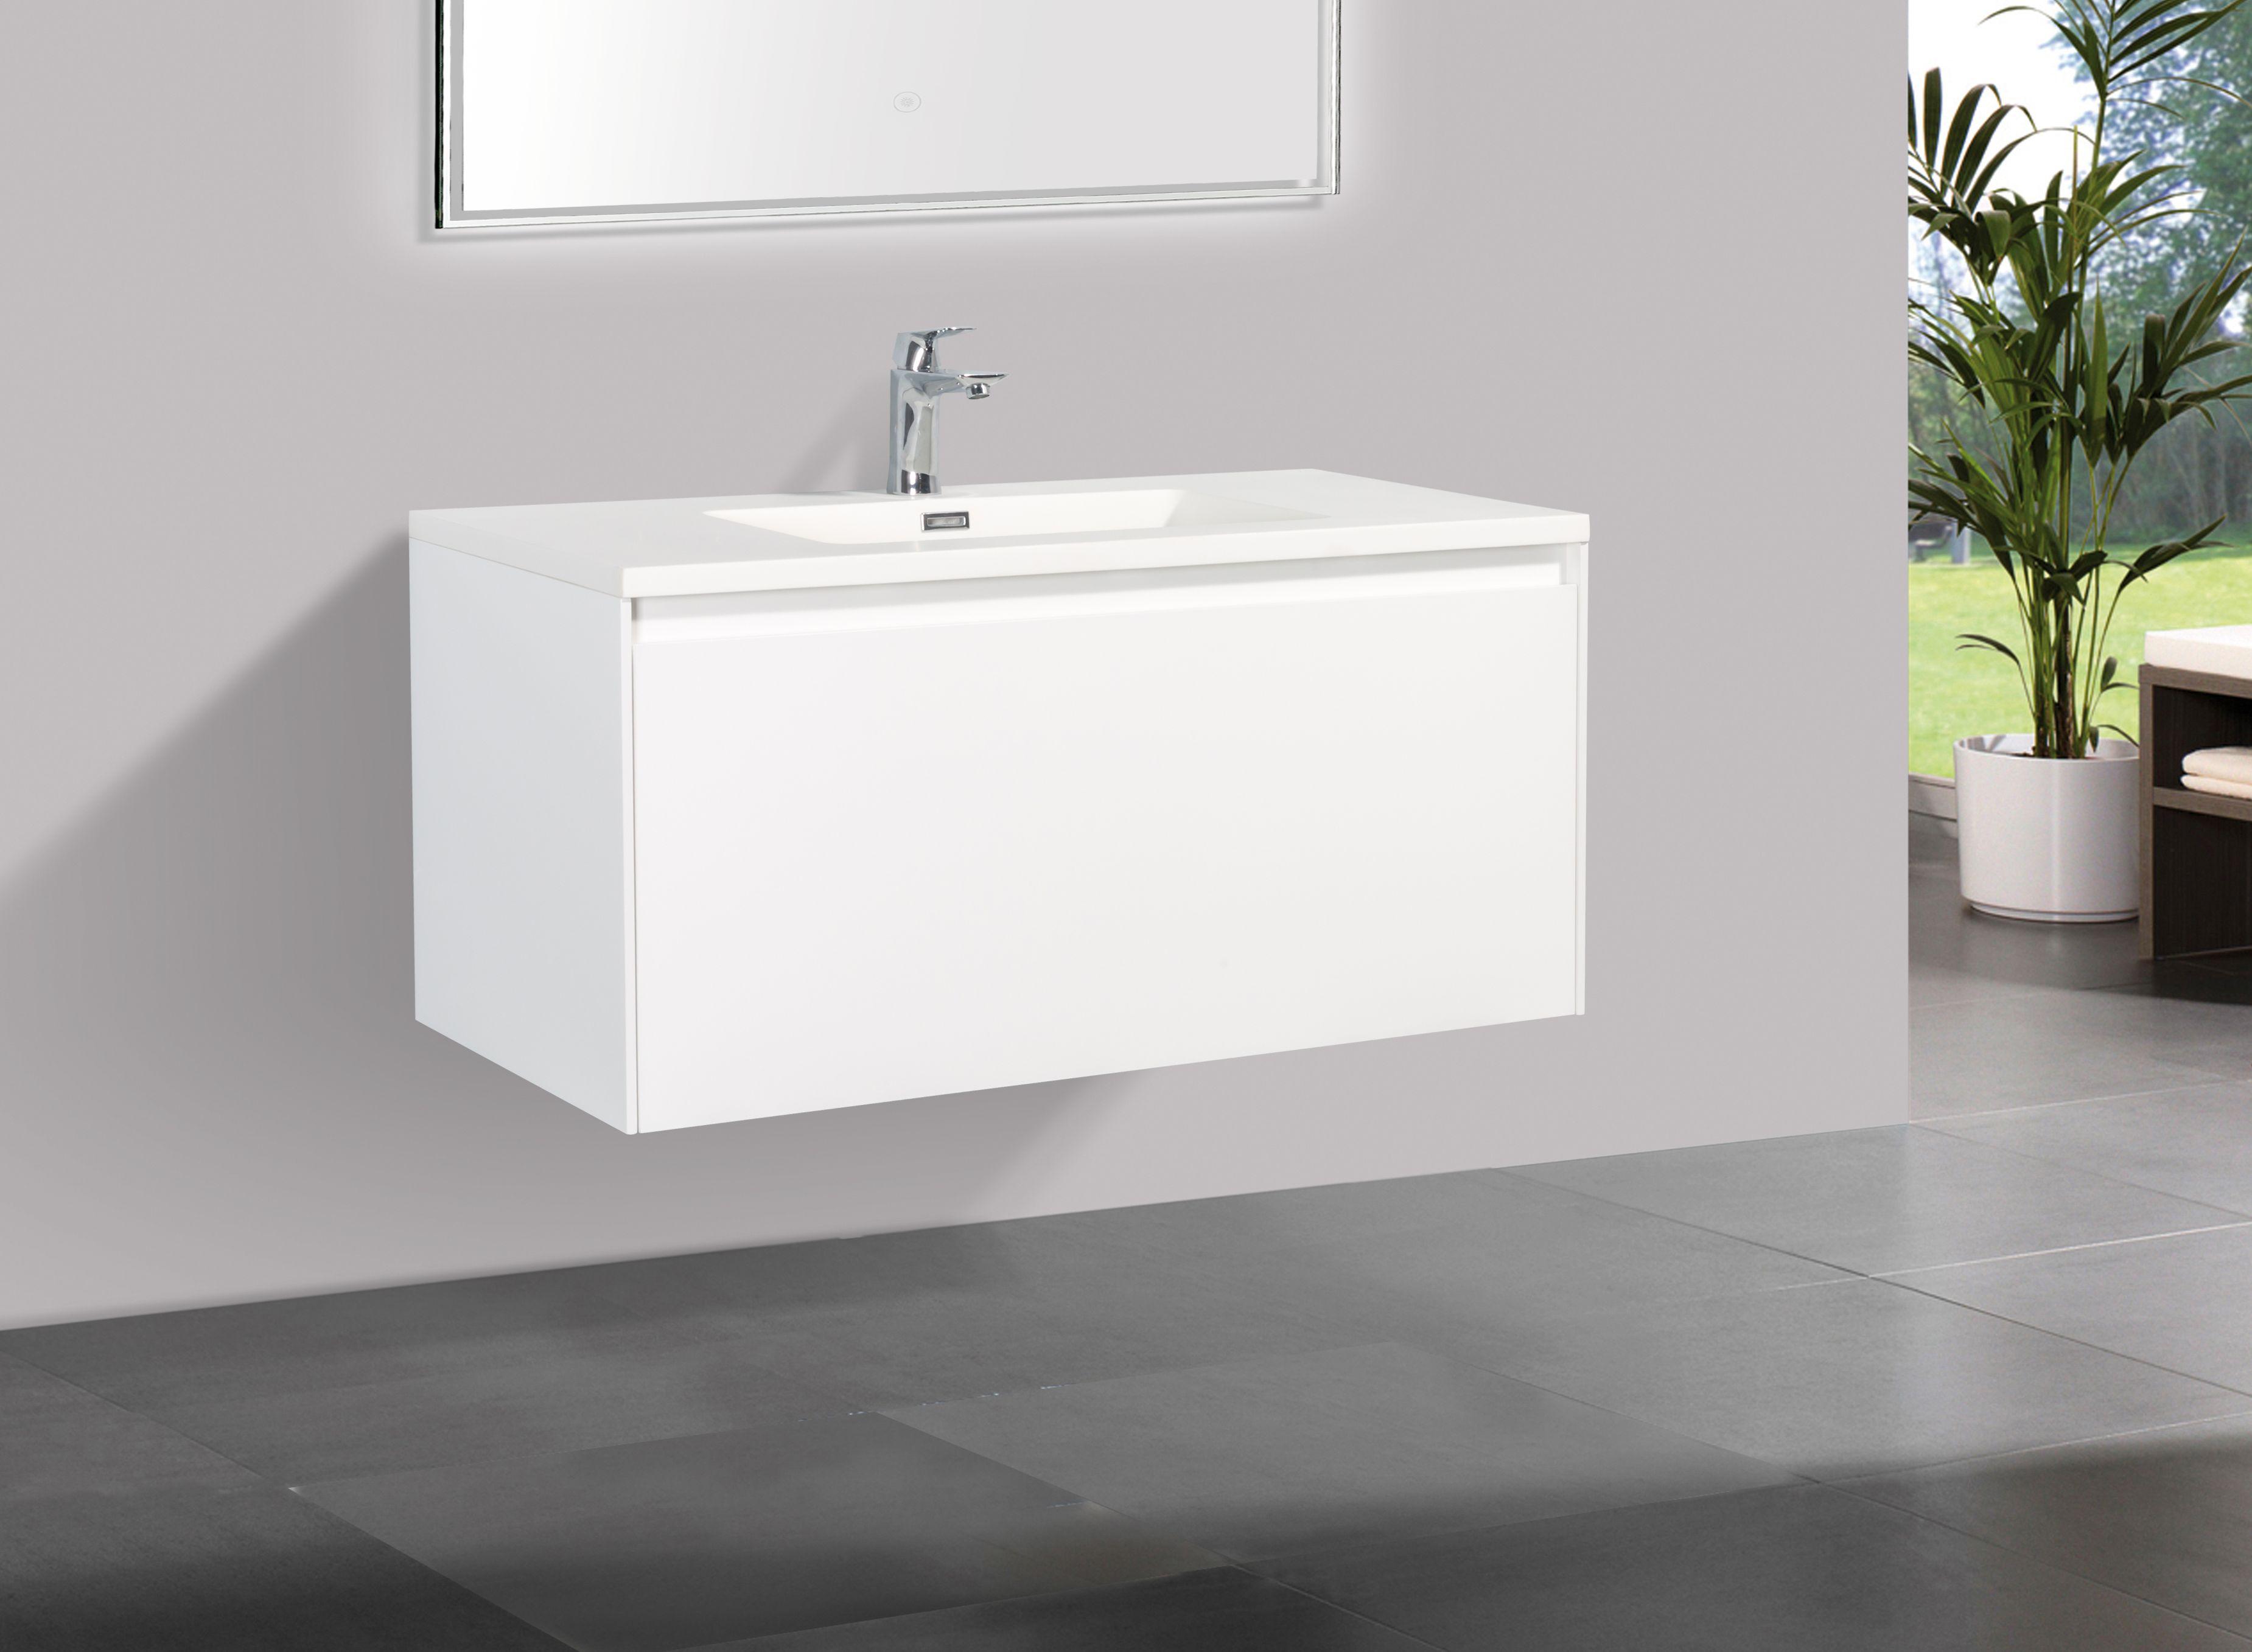 Badmöbel Unterschrank inkl. Waschtisch STRAGALA 100 (matt-weiß)